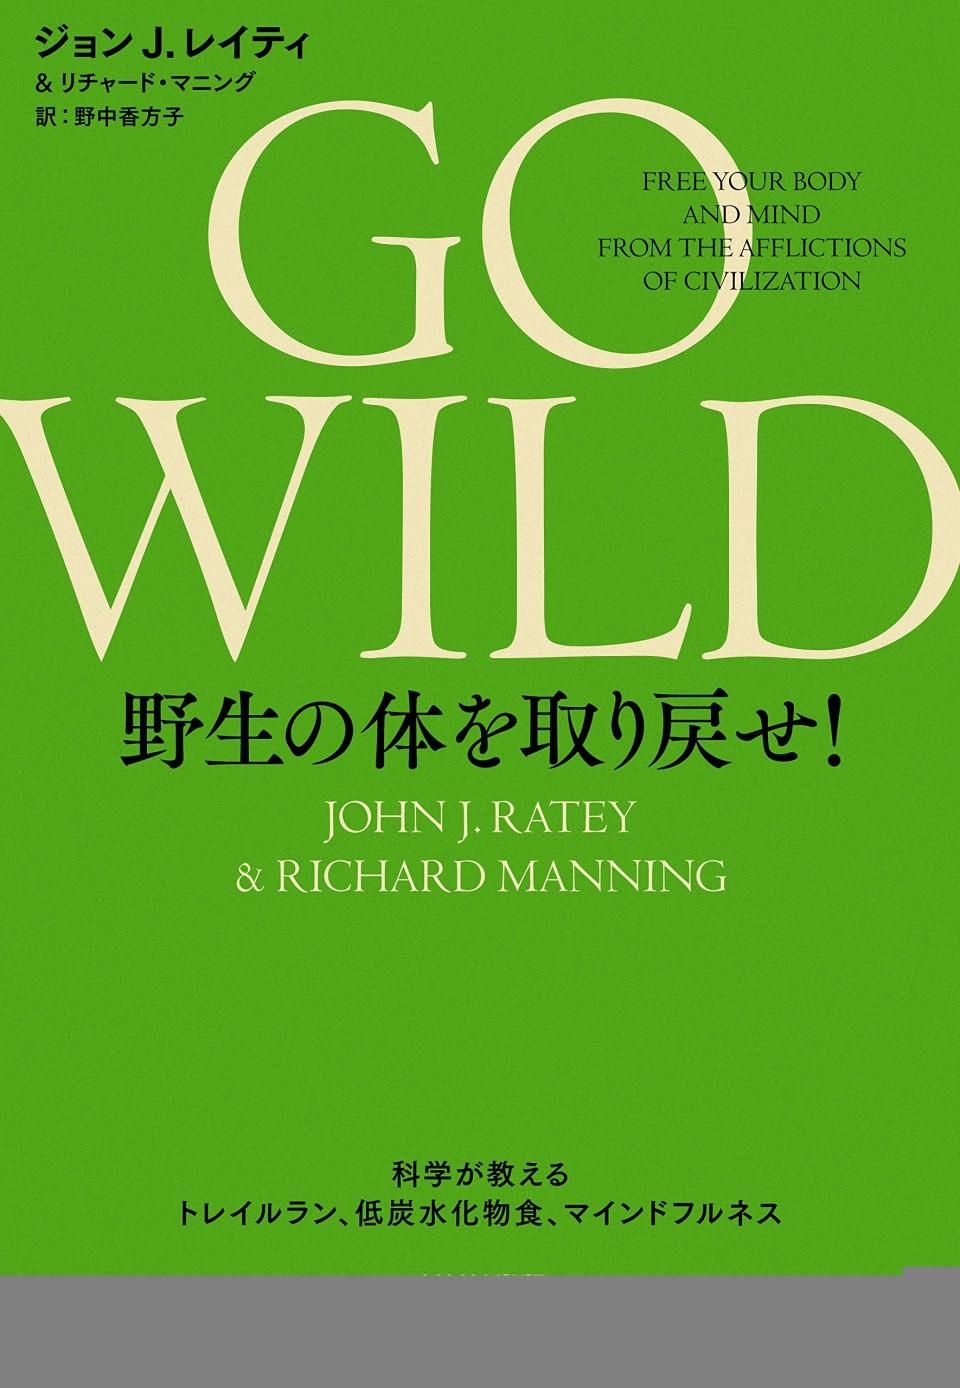 GO WILD 野生の体を取り戻せ! BORN TO RUNに継ぐ凄い書籍が出版されました!